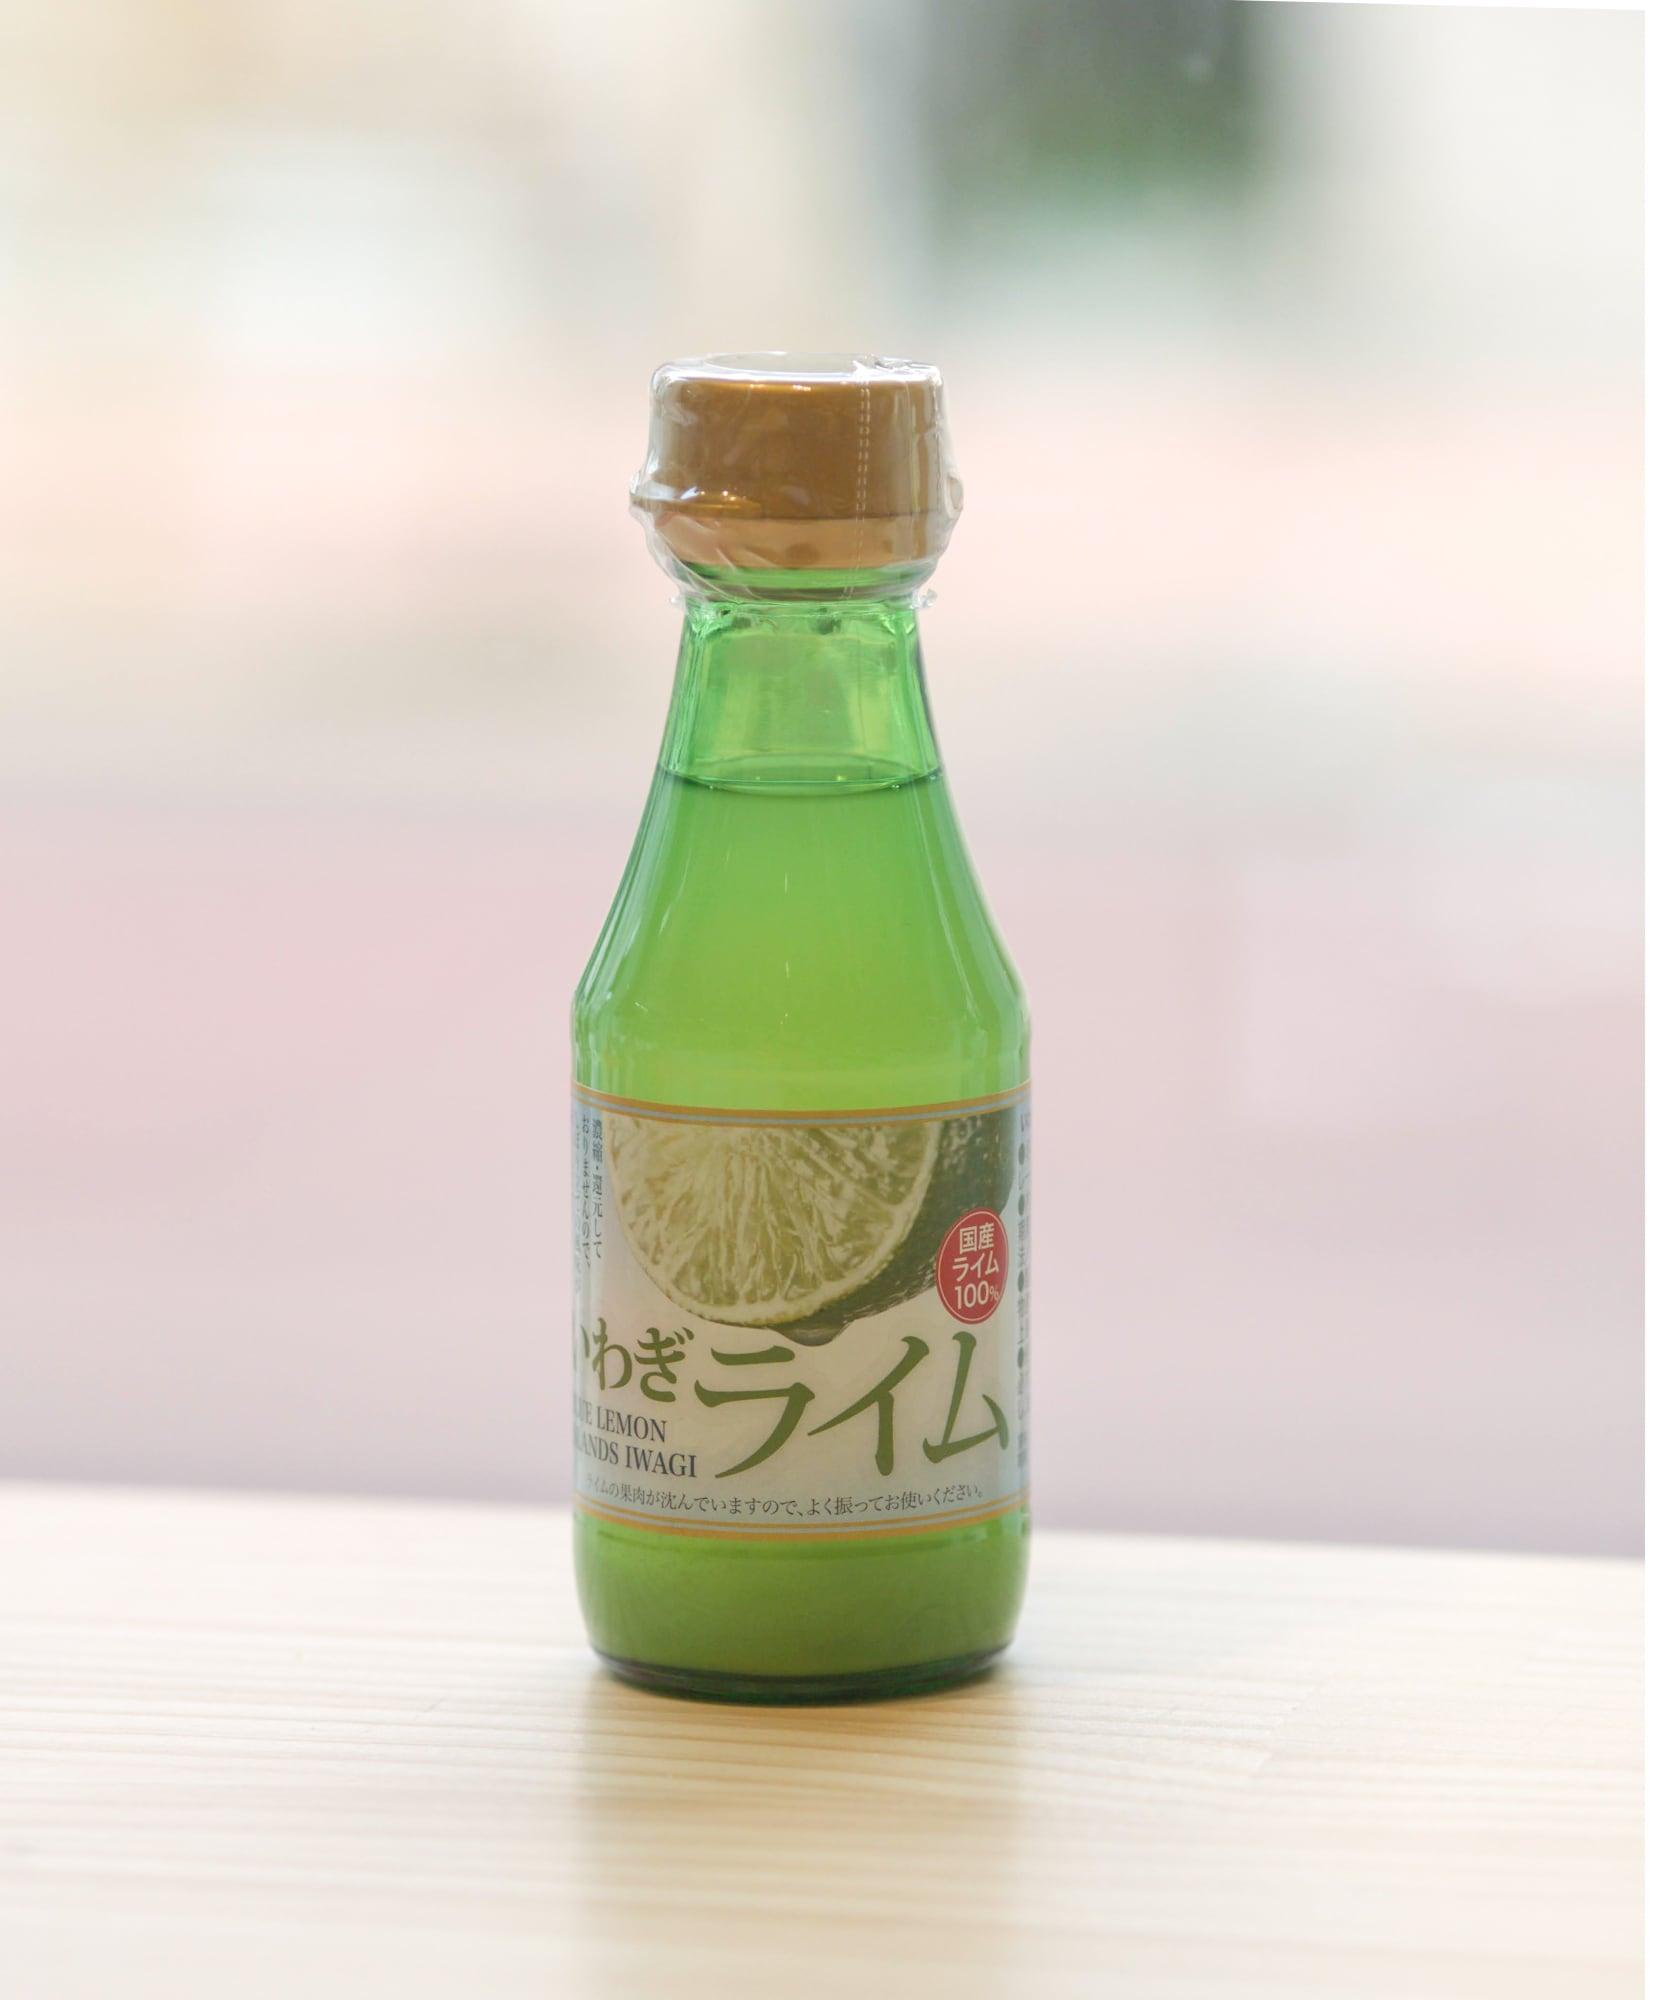 愛媛県・上島町のライム果汁